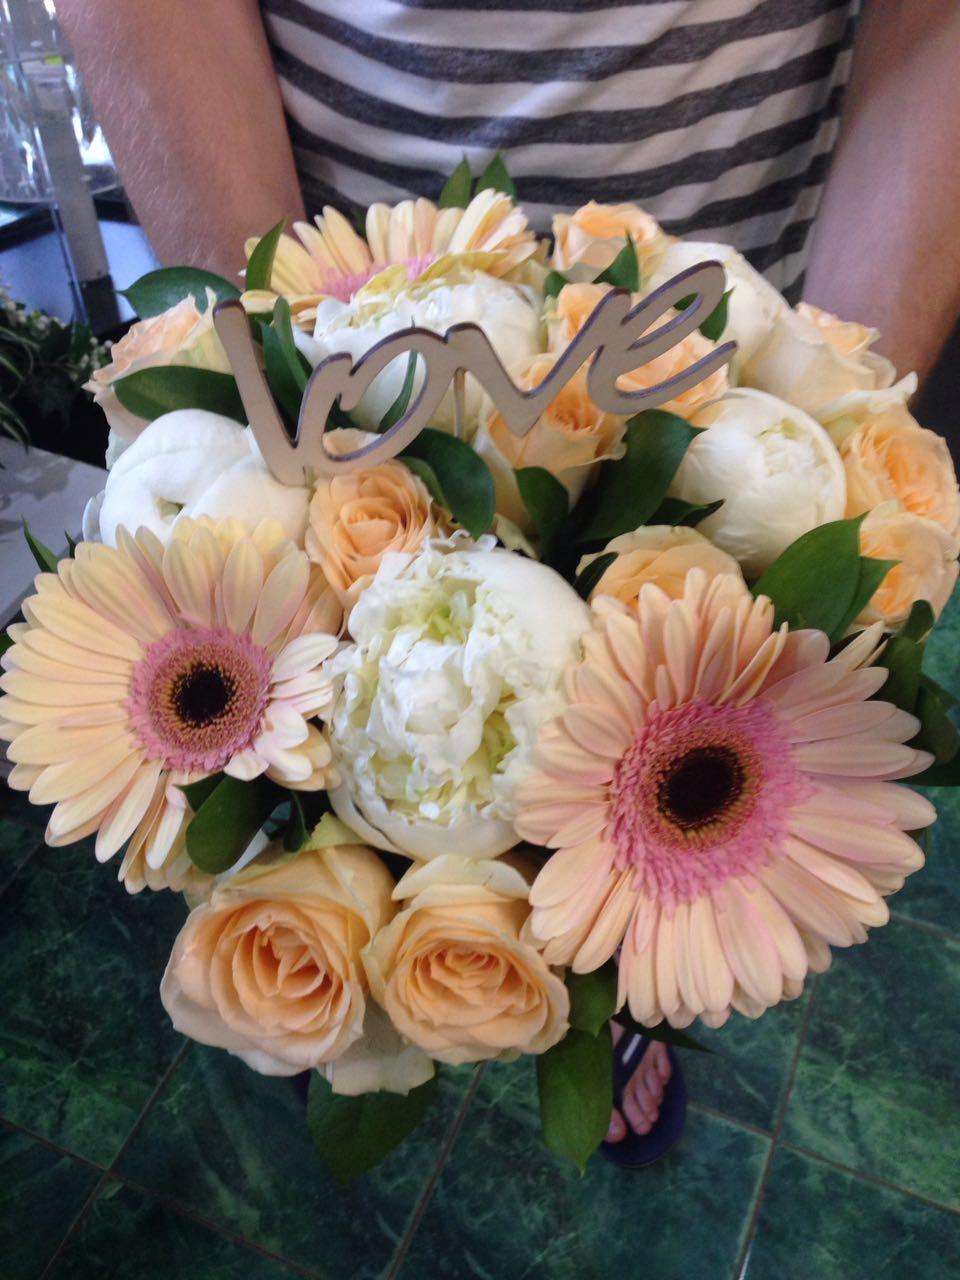 Где можно купить цветы казани хочем купить розы в питомнике иркутской области